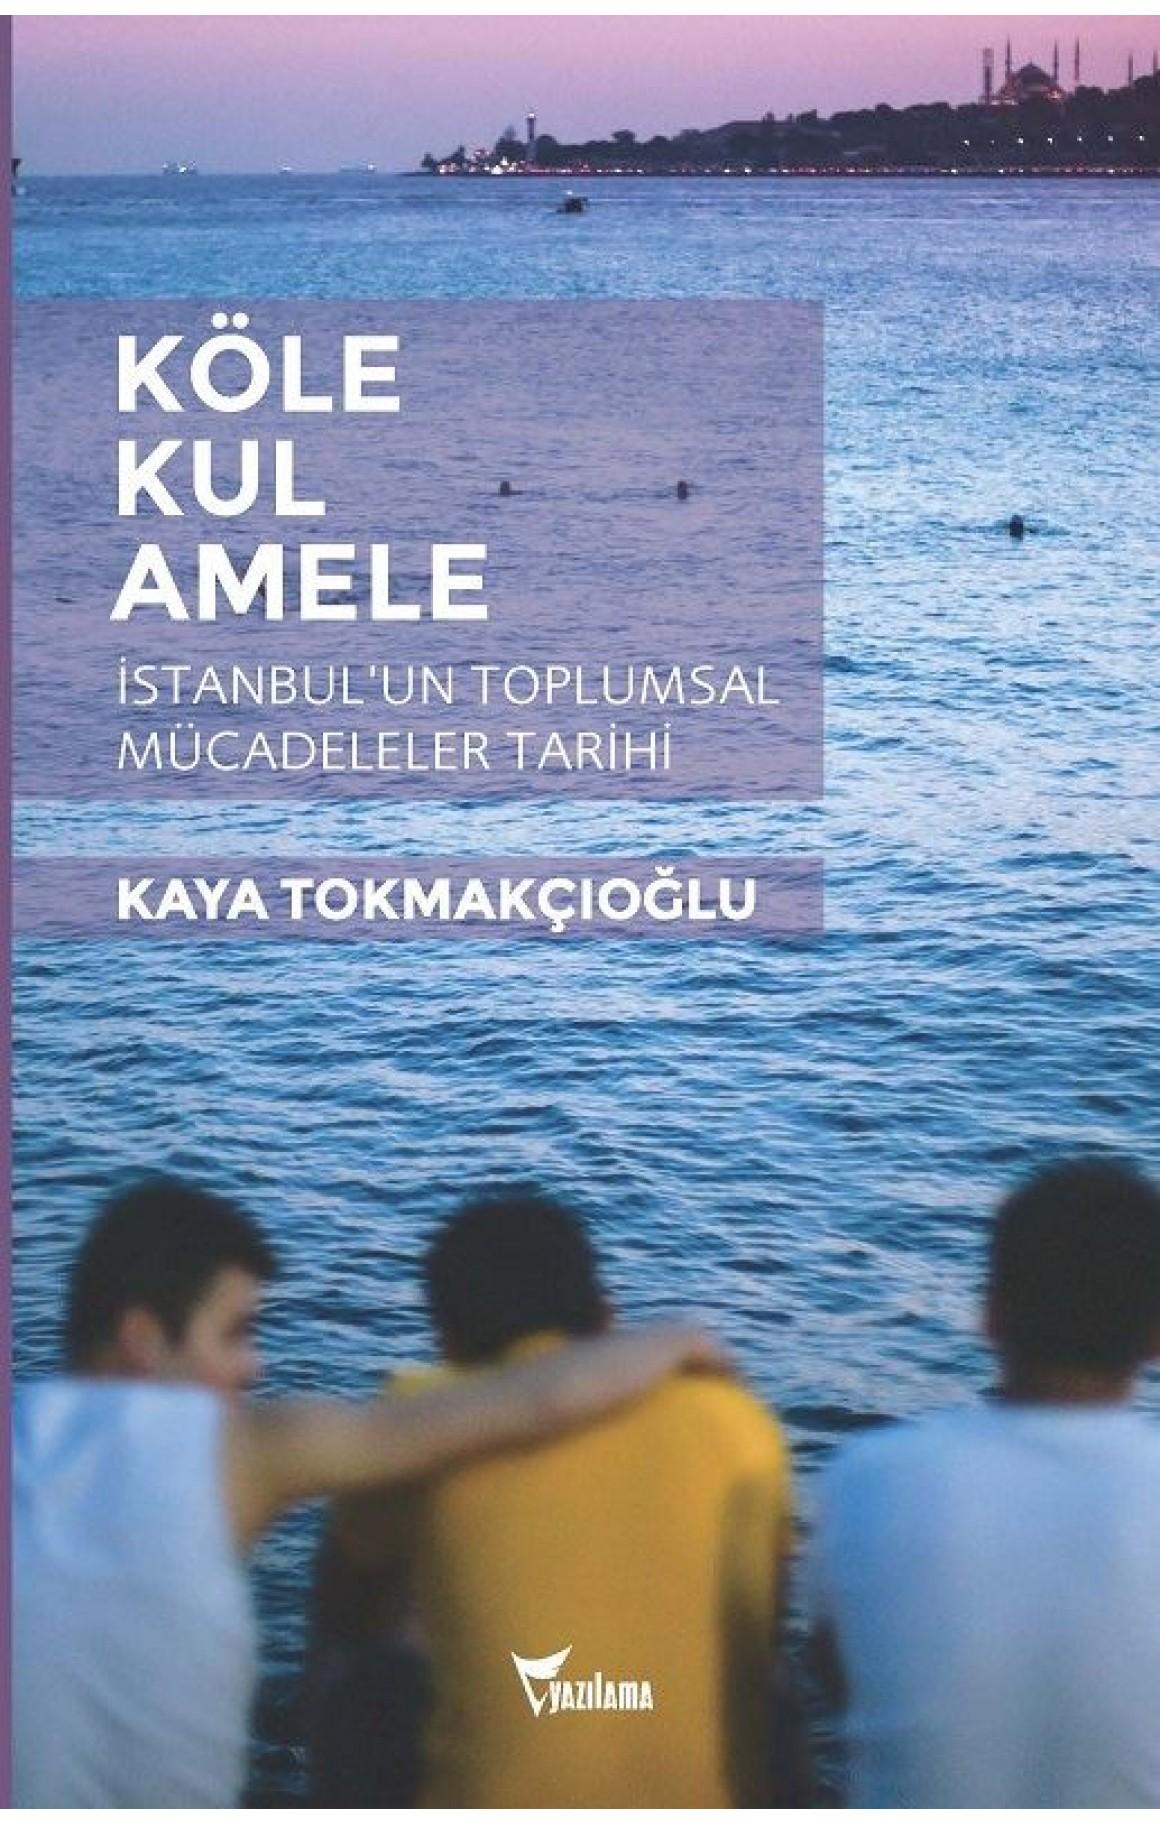 Köle - Kul - Amele:  İstanbul'un Toplumsal Mücadeleler Tarihi